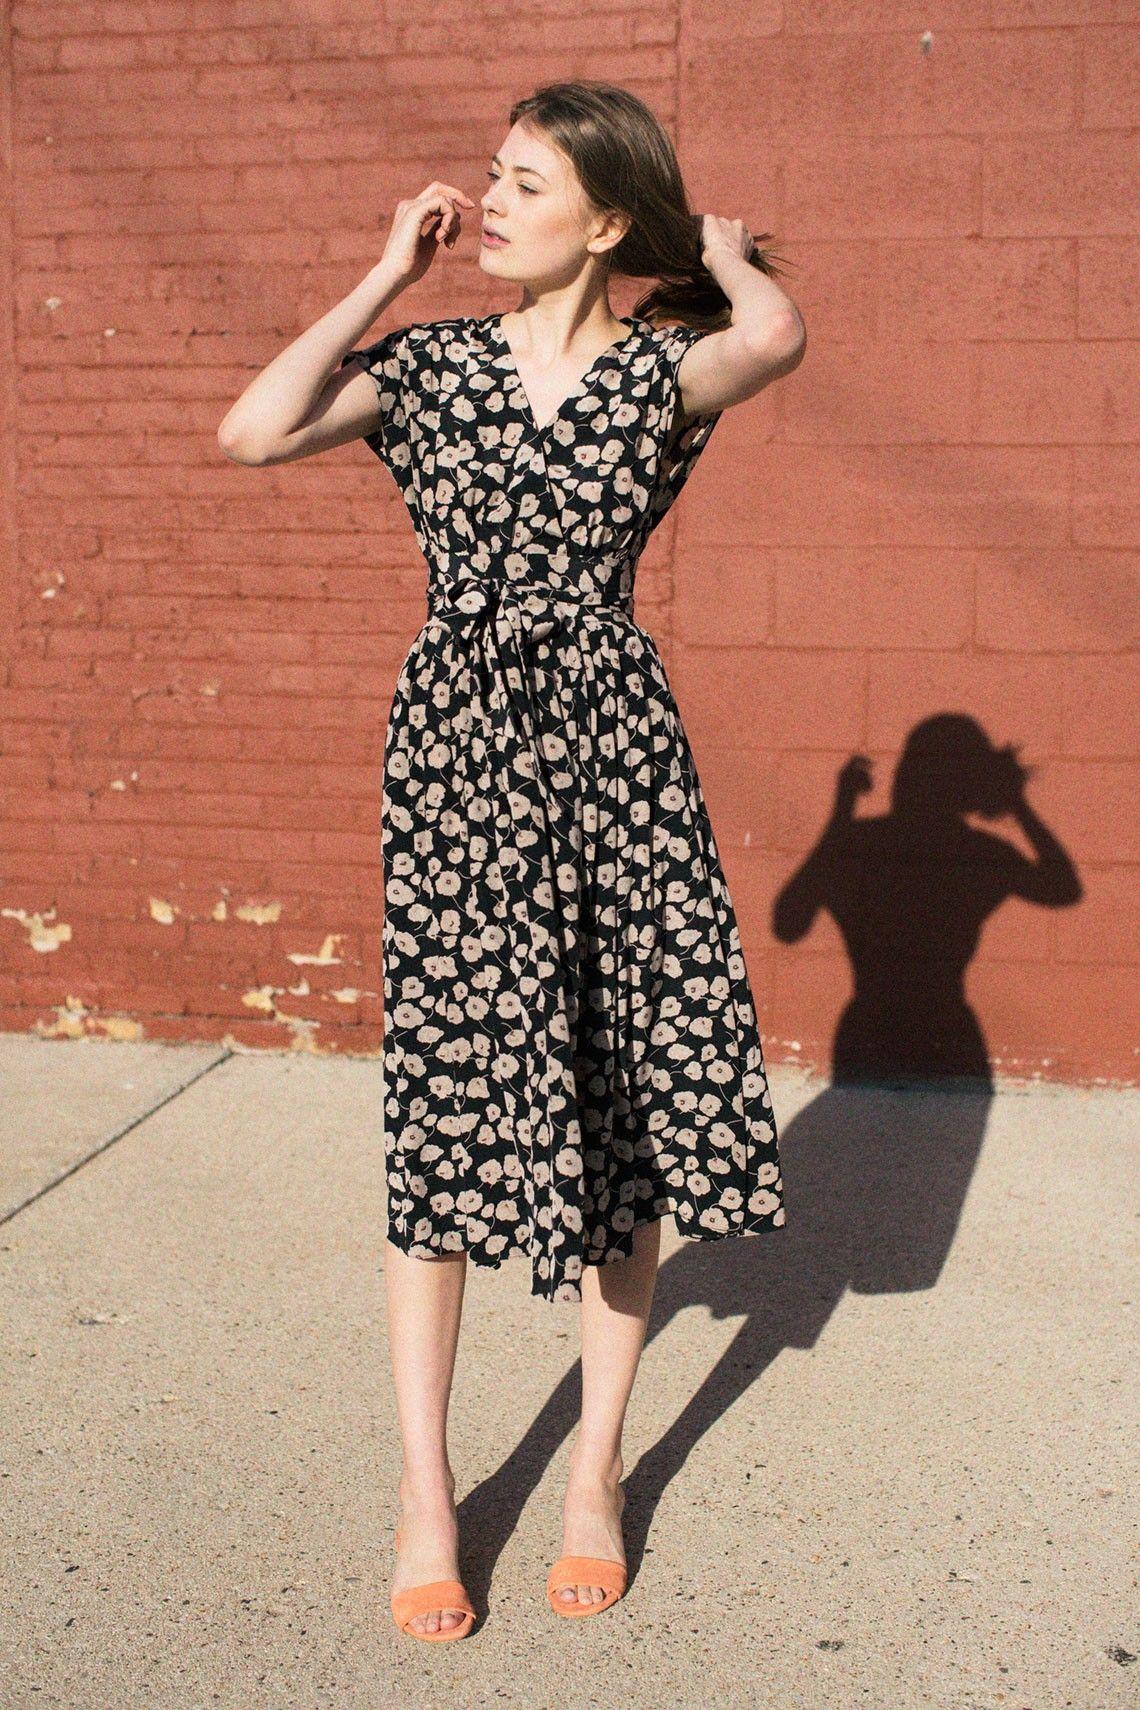 No. 6 - Anemone Scarlett Dress BONA DRAG | fashion things i like ...